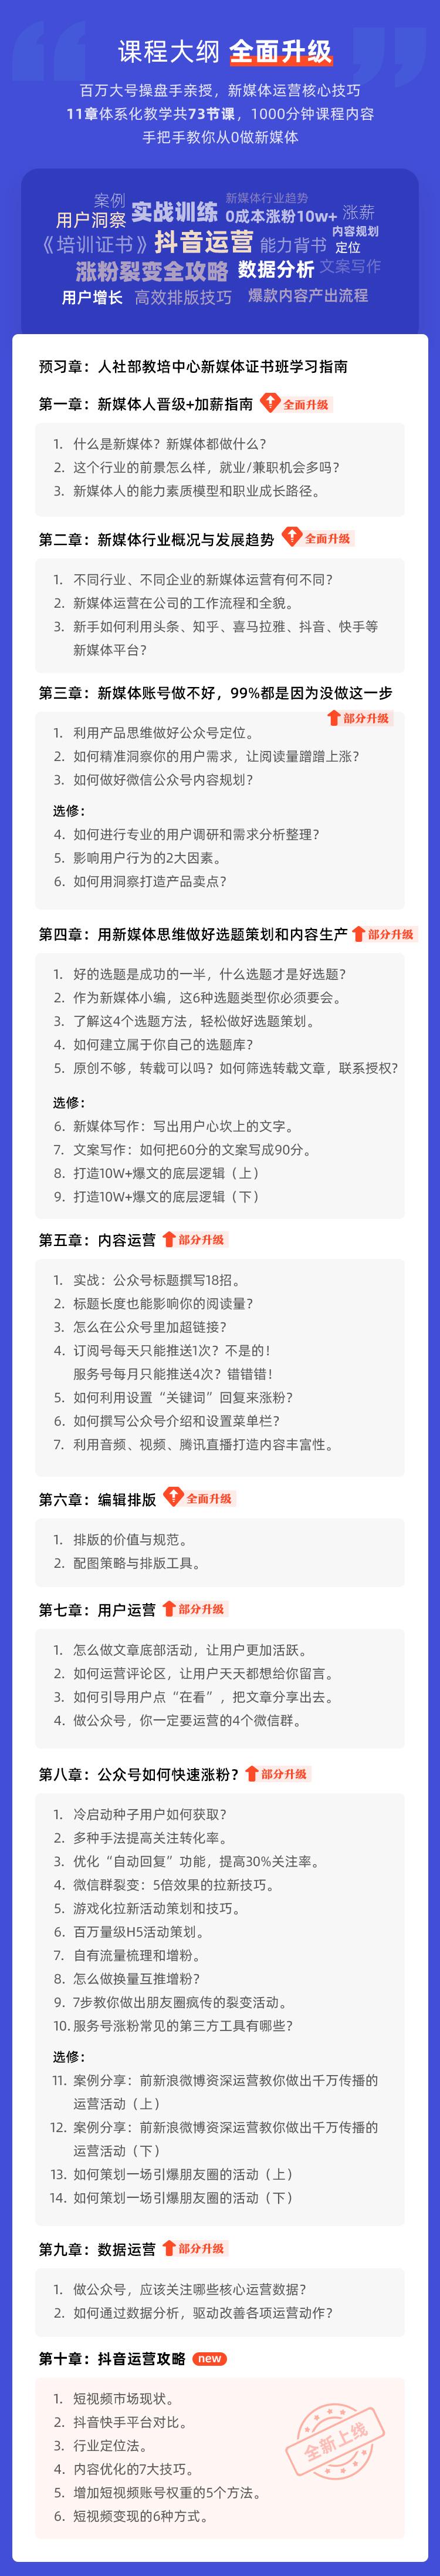 http://mtedu-img.oss-cn-beijing-internal.aliyuncs.com/ueditor/20200706215704_631133.jpg